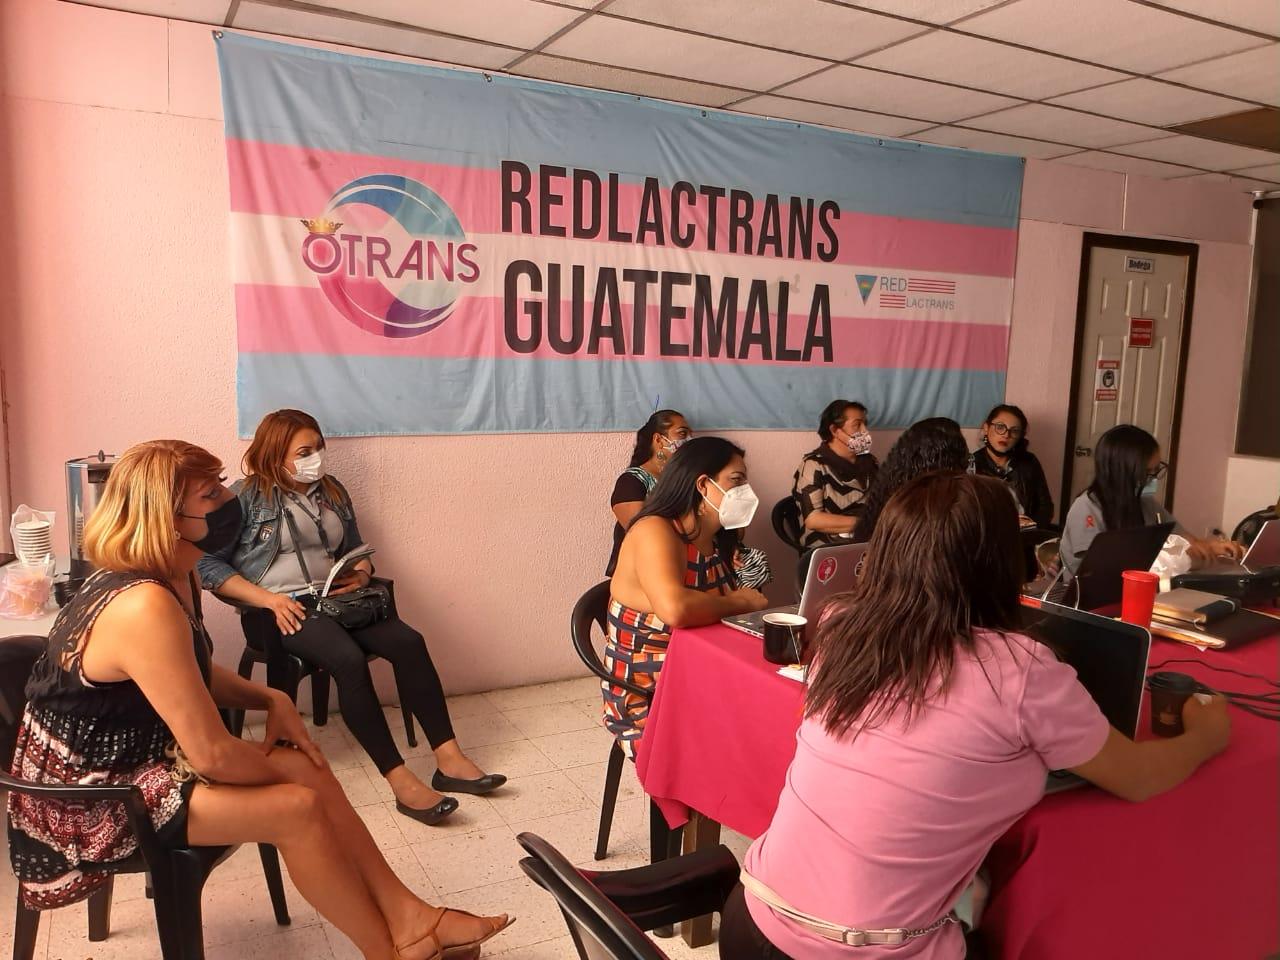 OTRANS: Liderazgo y empoderamiento de mujeres trans en Guatemala